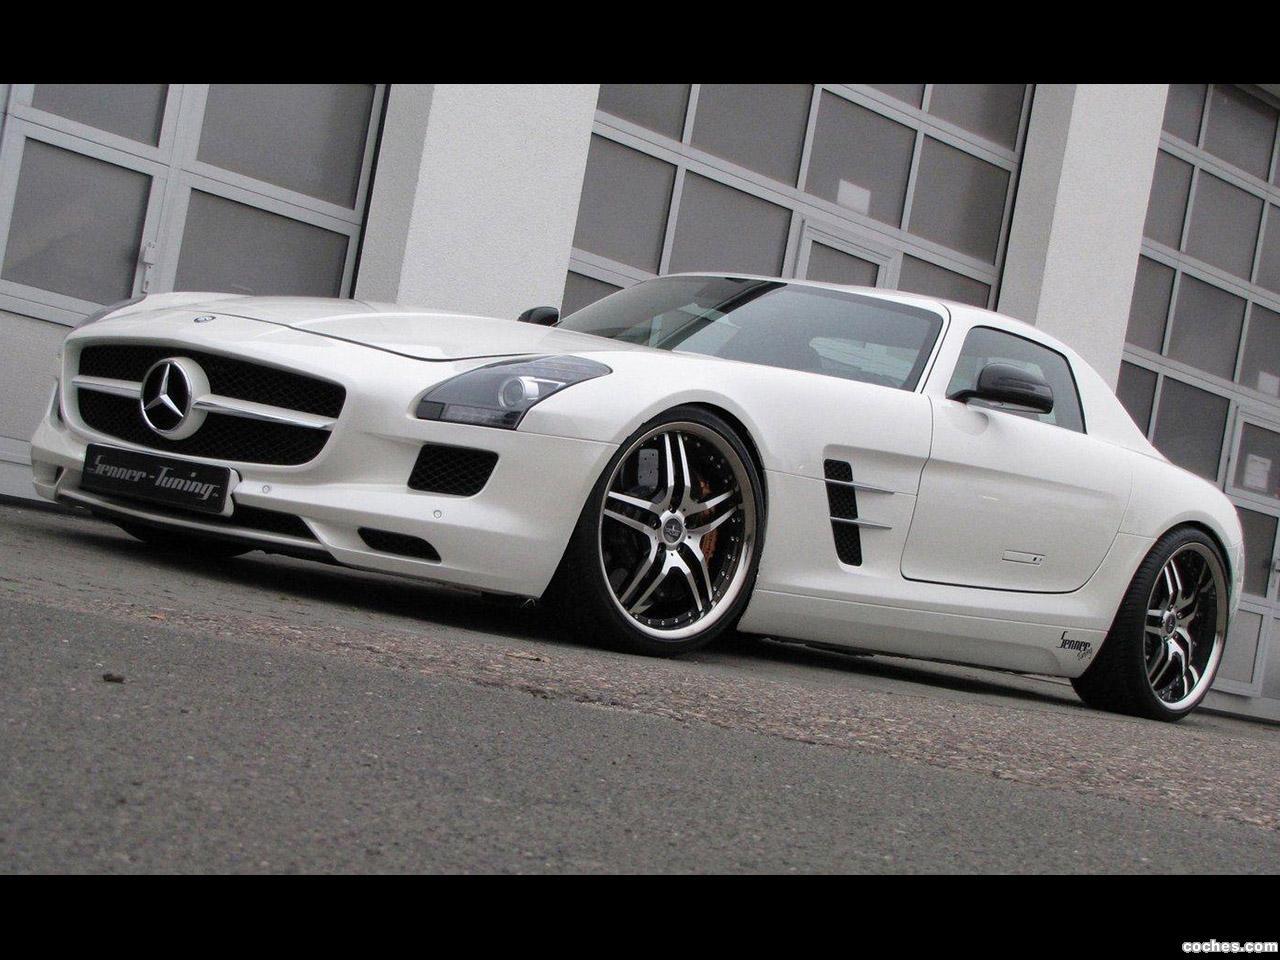 Foto 7 de Senner Mercedes SLS AMG 2011